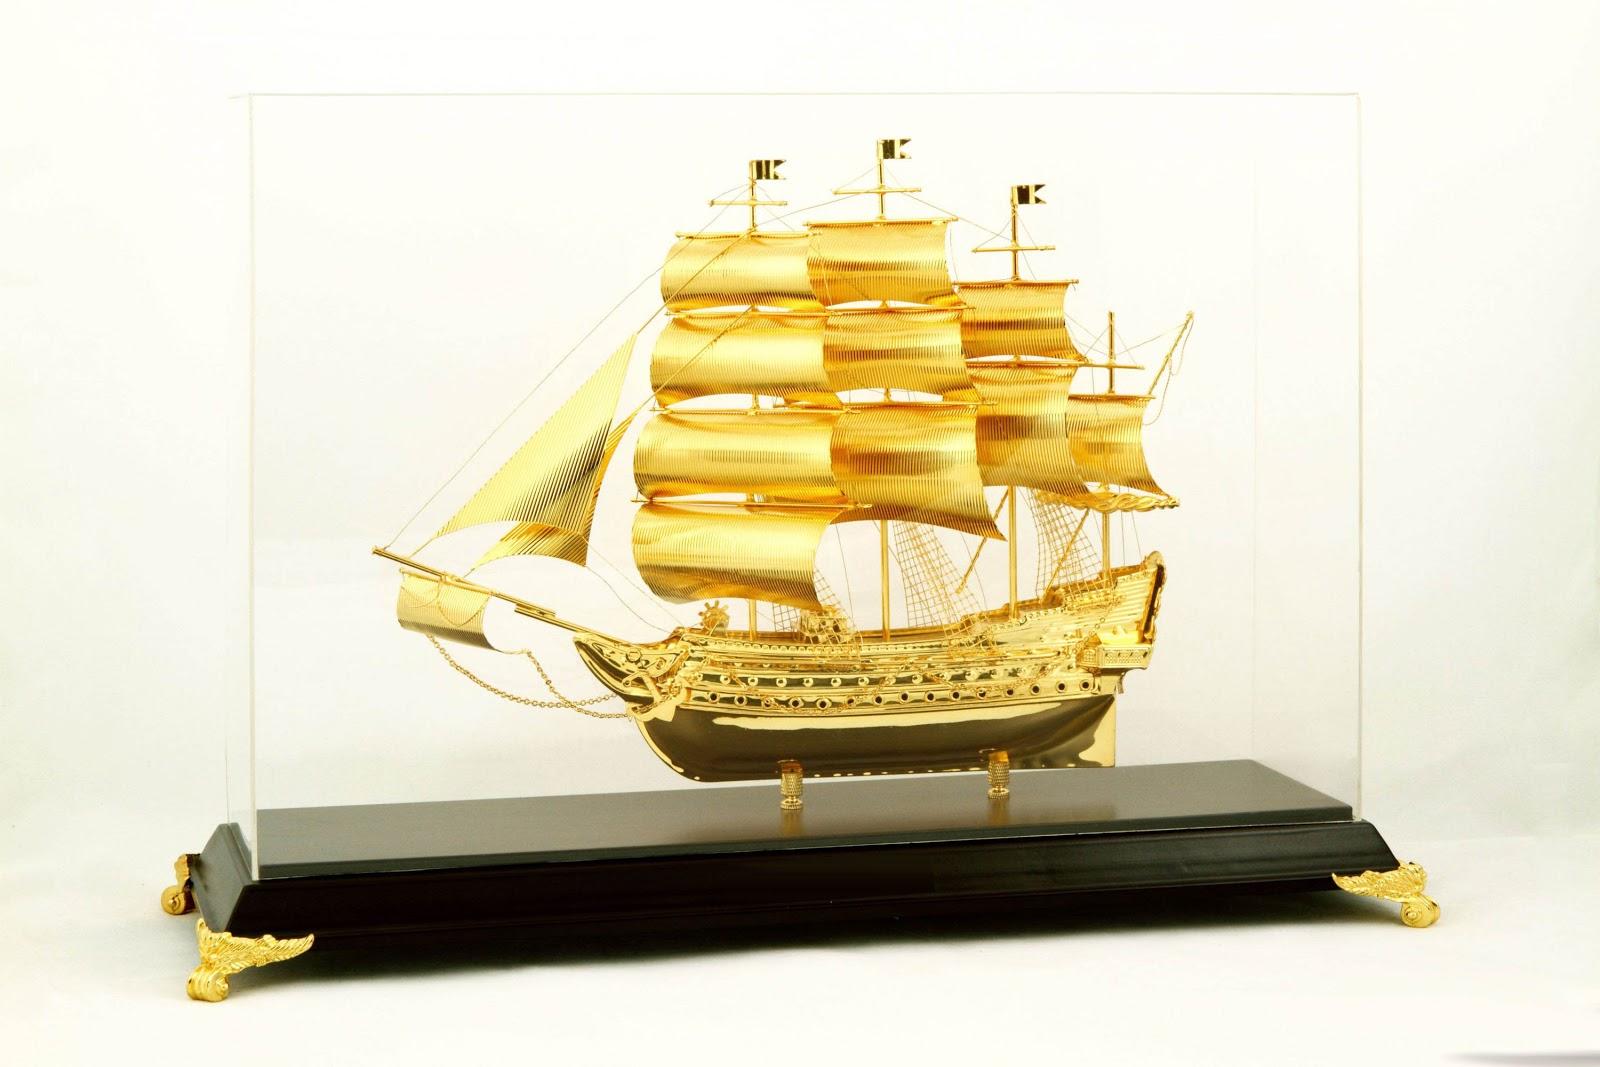 Mô hình Thuyền buồm phong thủy - Quà tặng sếp mang đến sự thành công